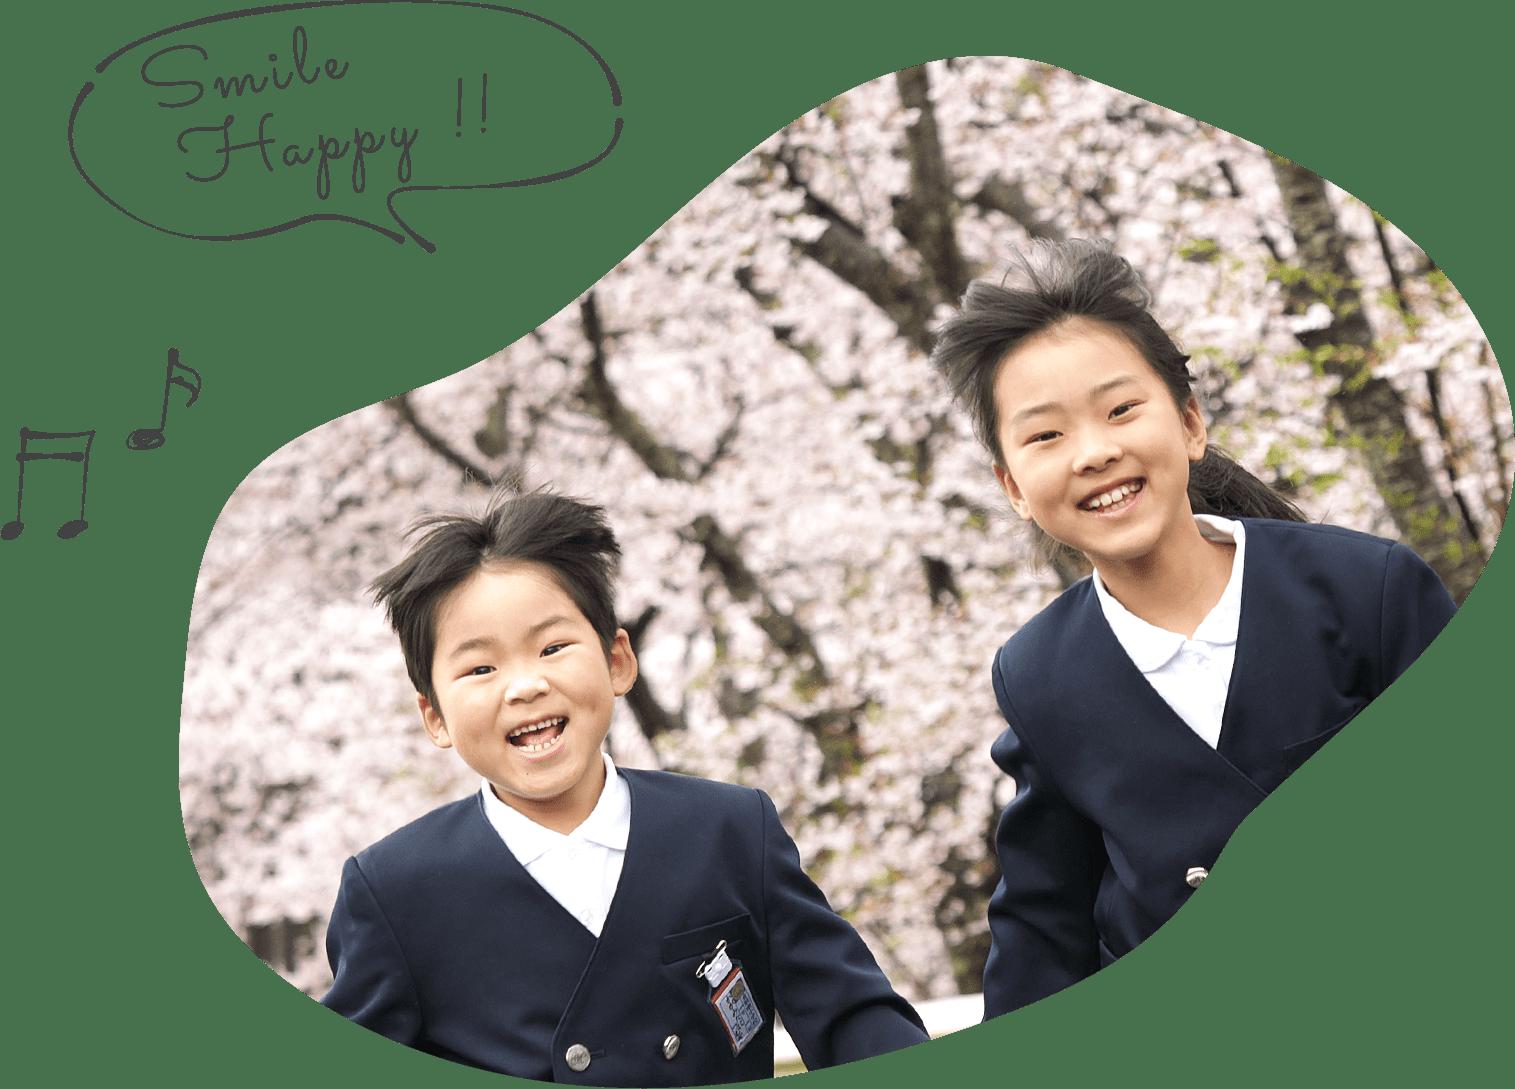 卒業・入学写真のイメージ画像